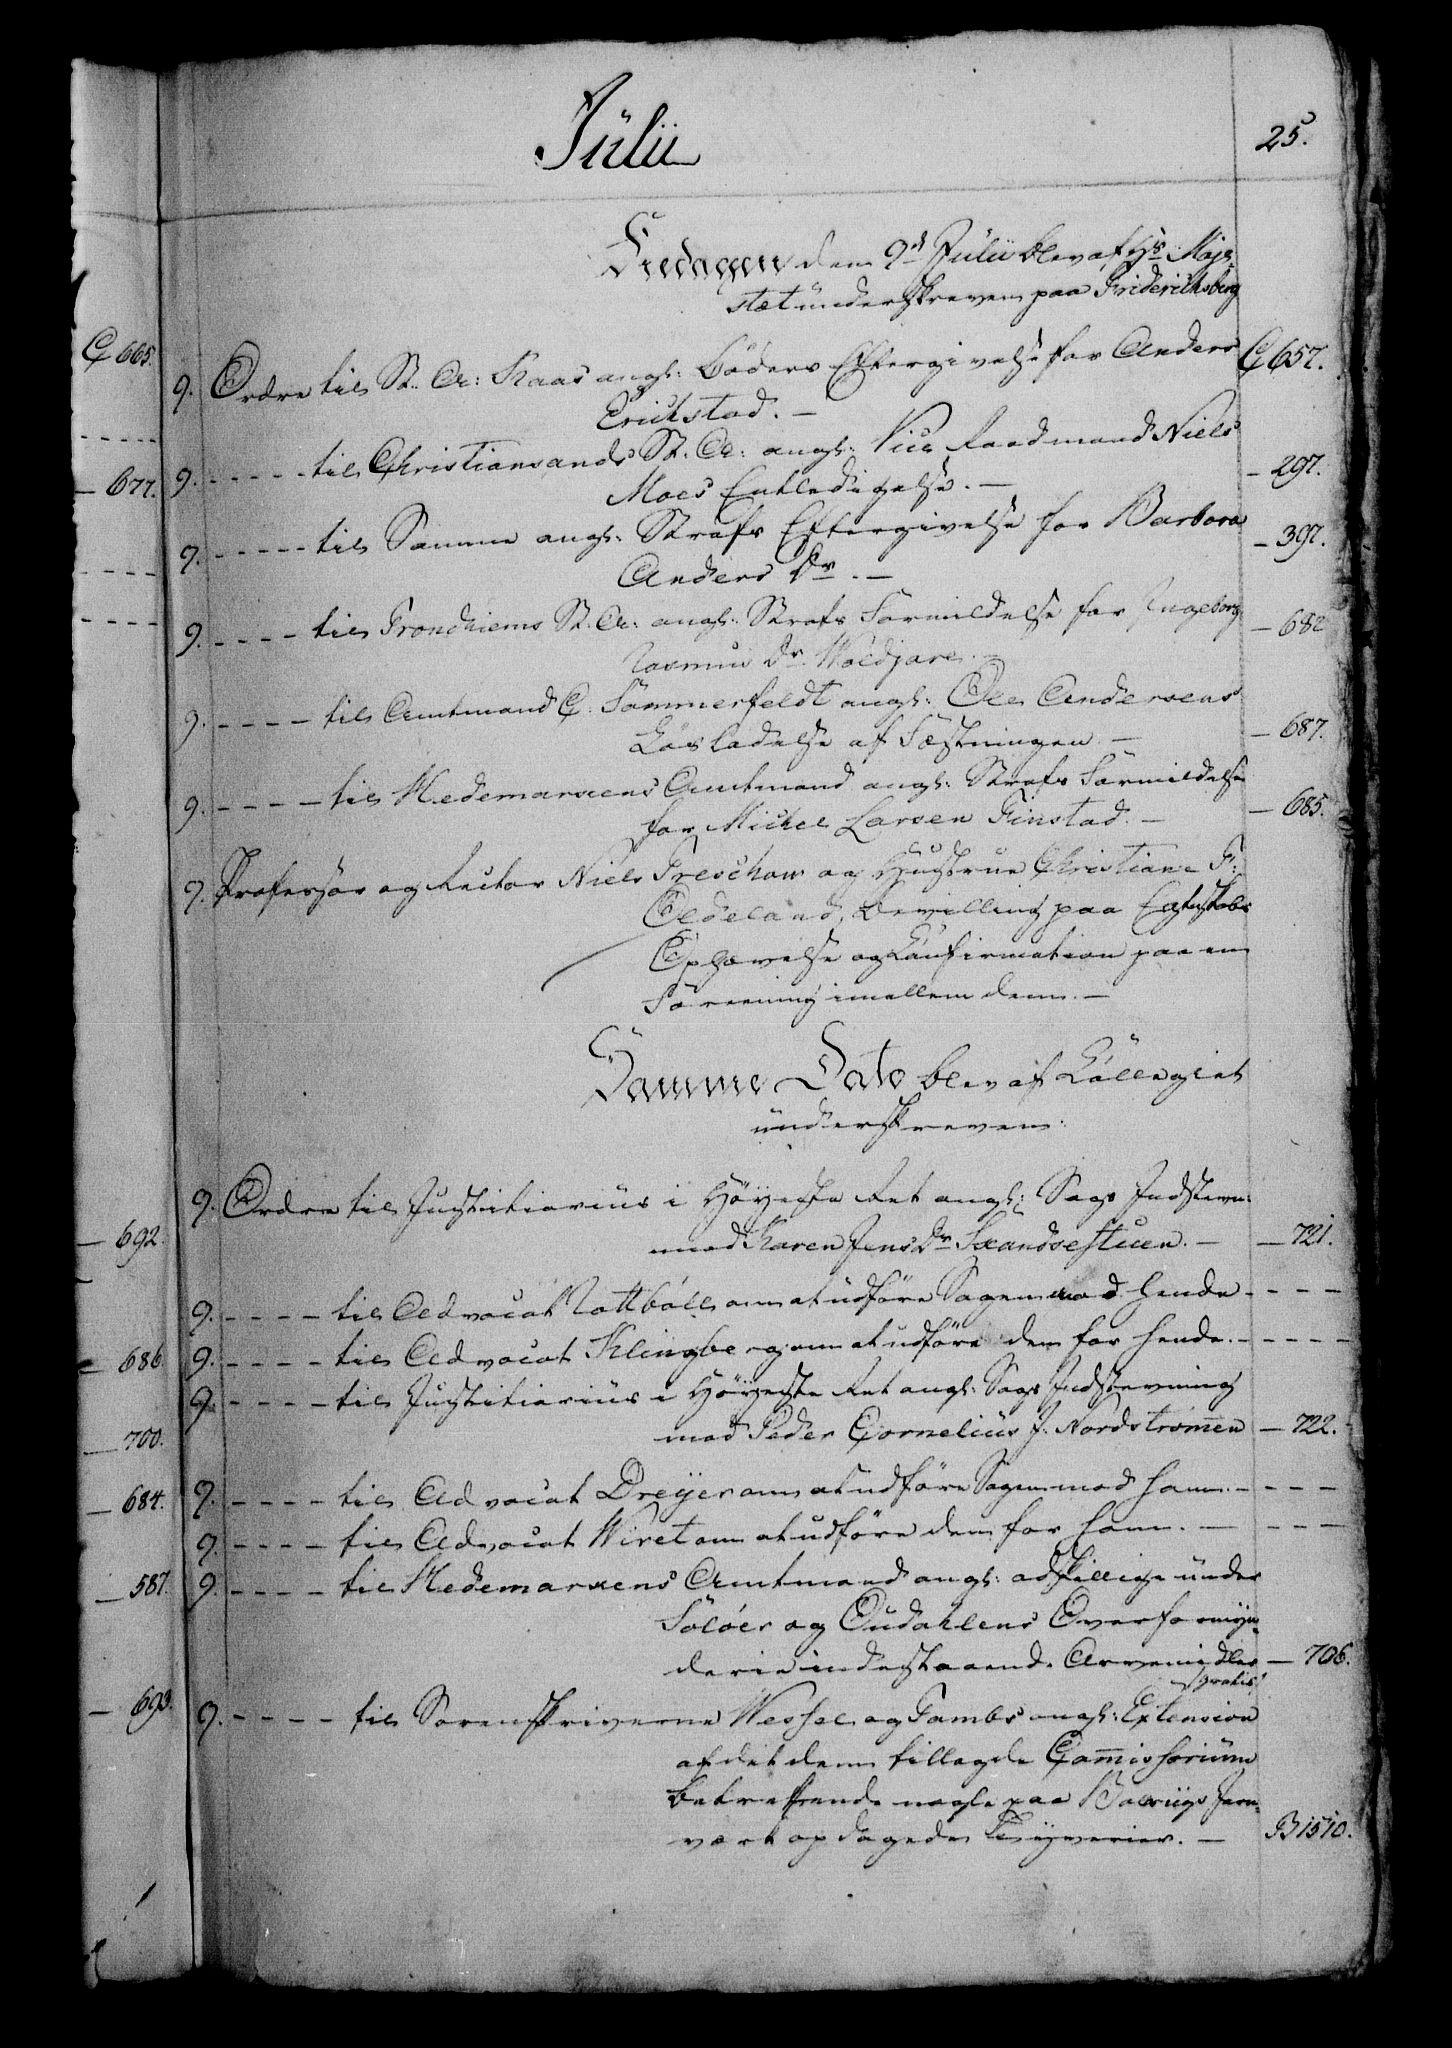 RA, Danske Kanselli 1800-1814, H/Hf/Hfb/Hfbc/L0003: Underskrivelsesbok m. register, 1802, s. 25